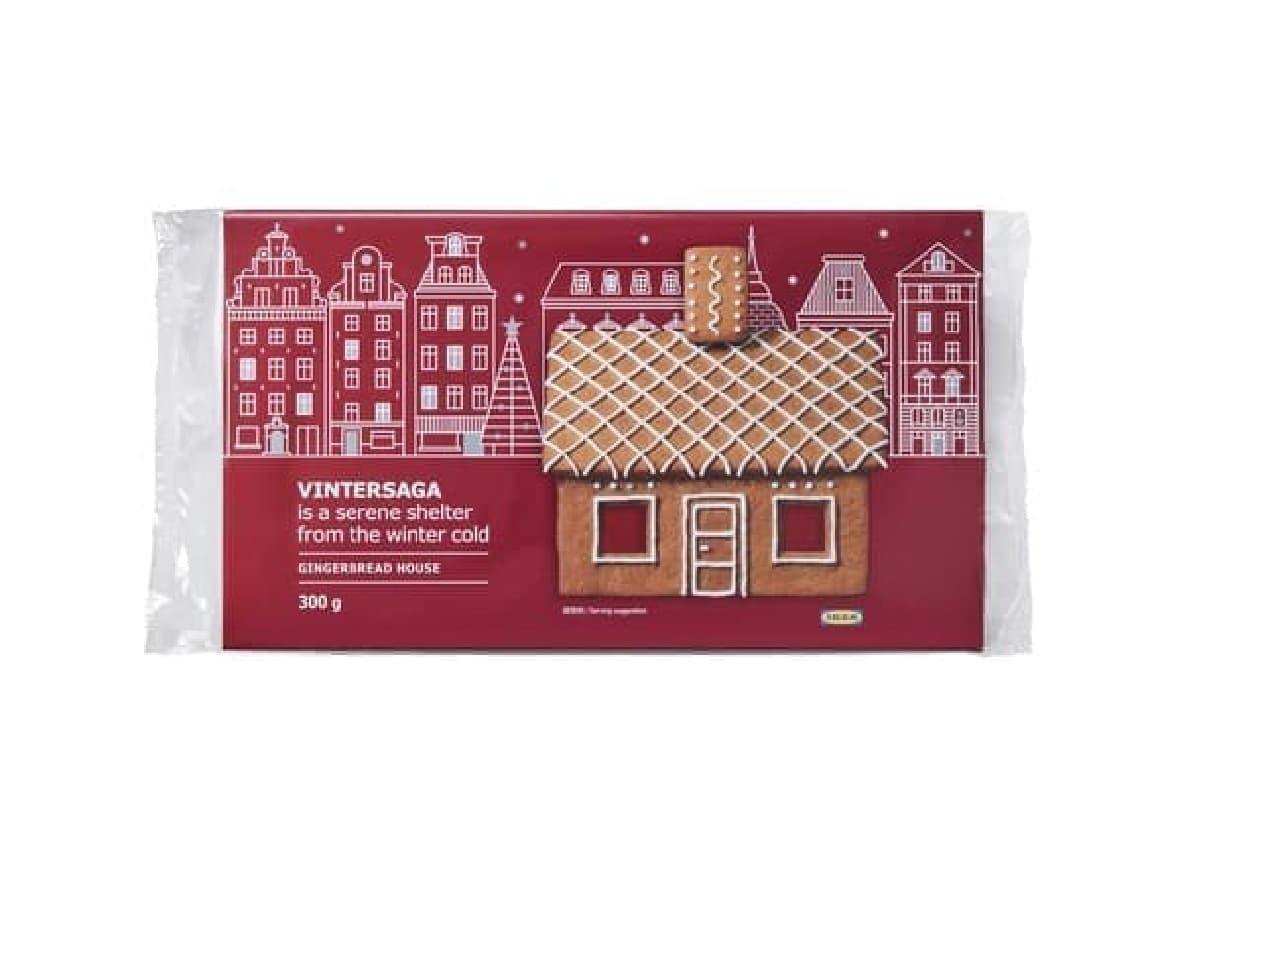 イケアから2020年のクリスマスコレクション -- 北欧ムードのオーナメントやお菓子の家など